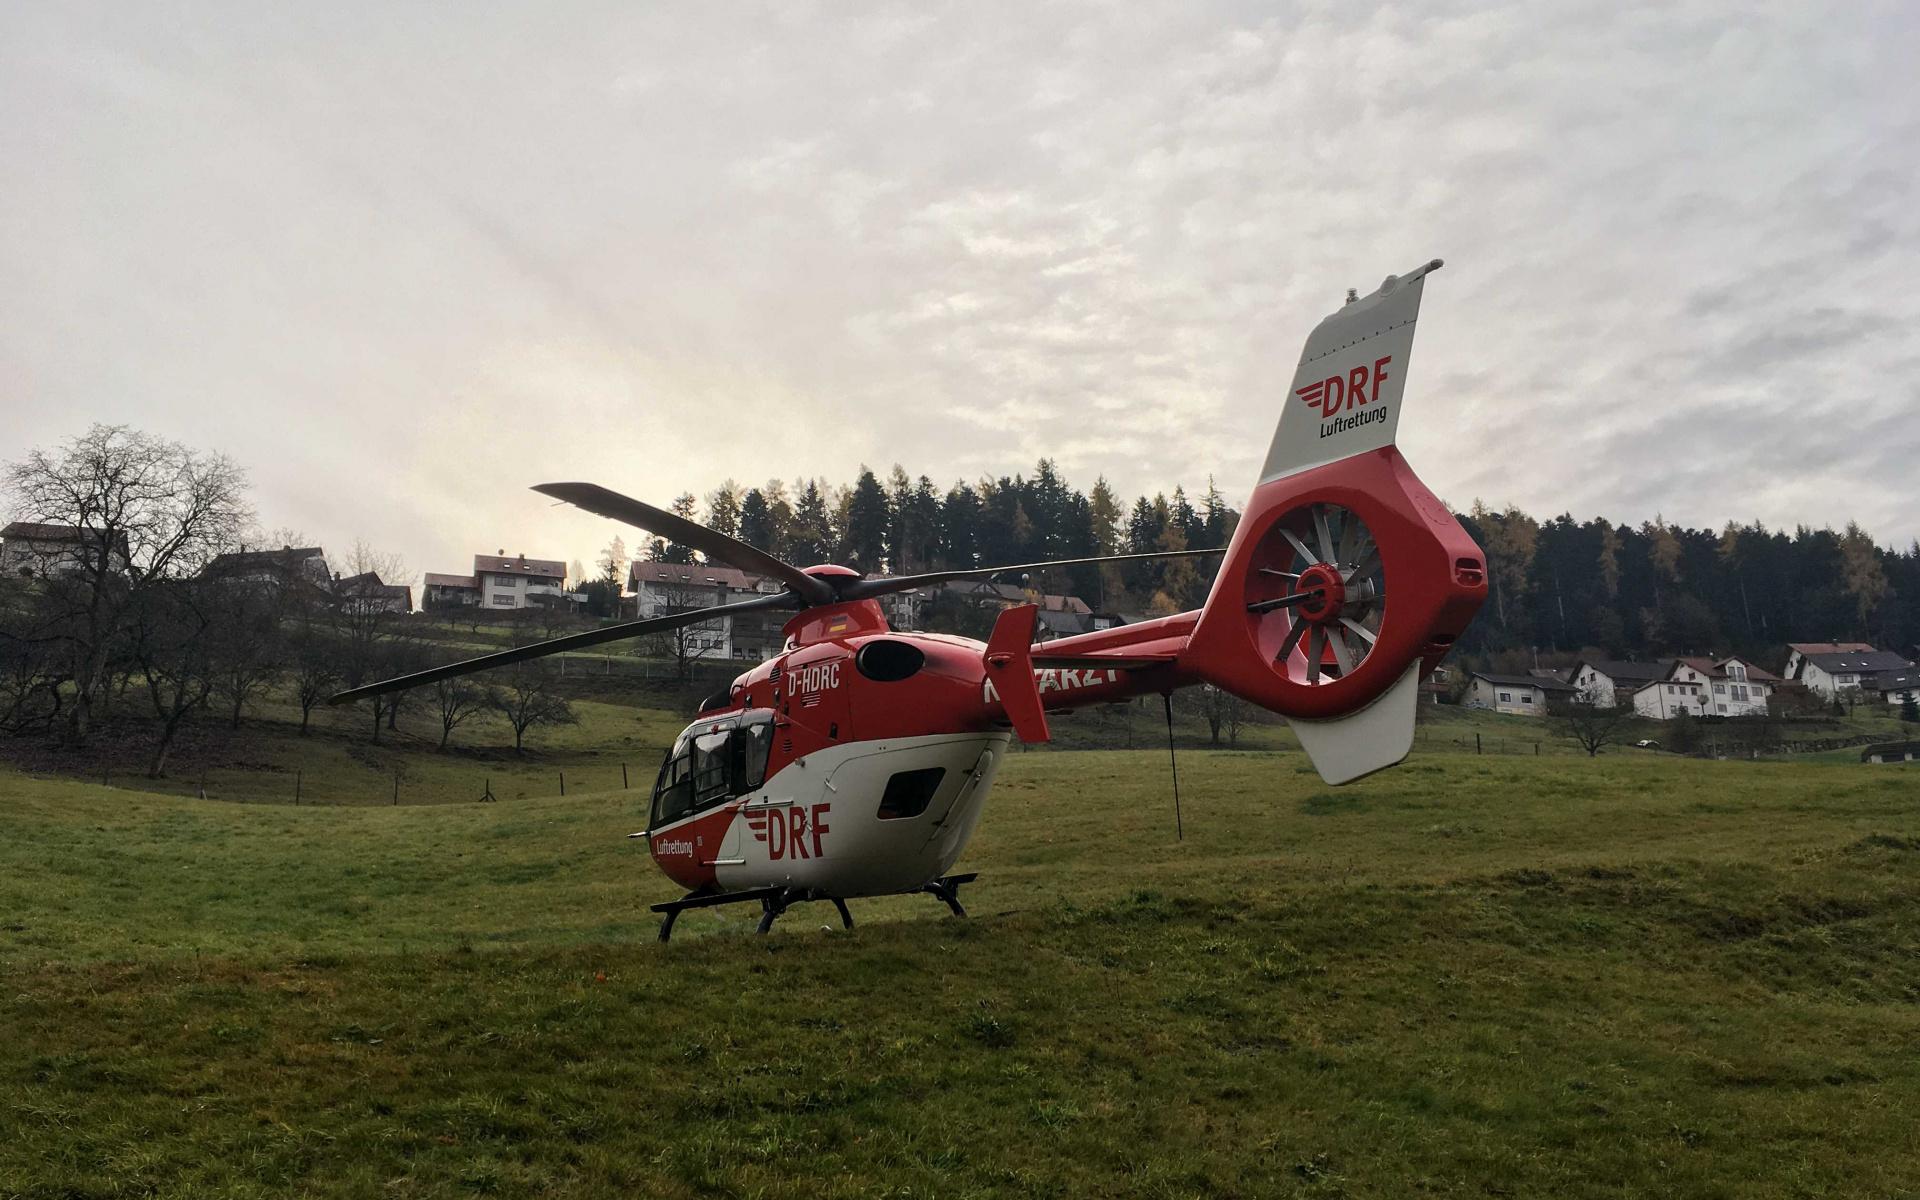 Nachdem der Pilot den Notarzt der DRF Luftrettung am Hang hatte aussteigen lassen, landete er auf einer ebenen Fläche.